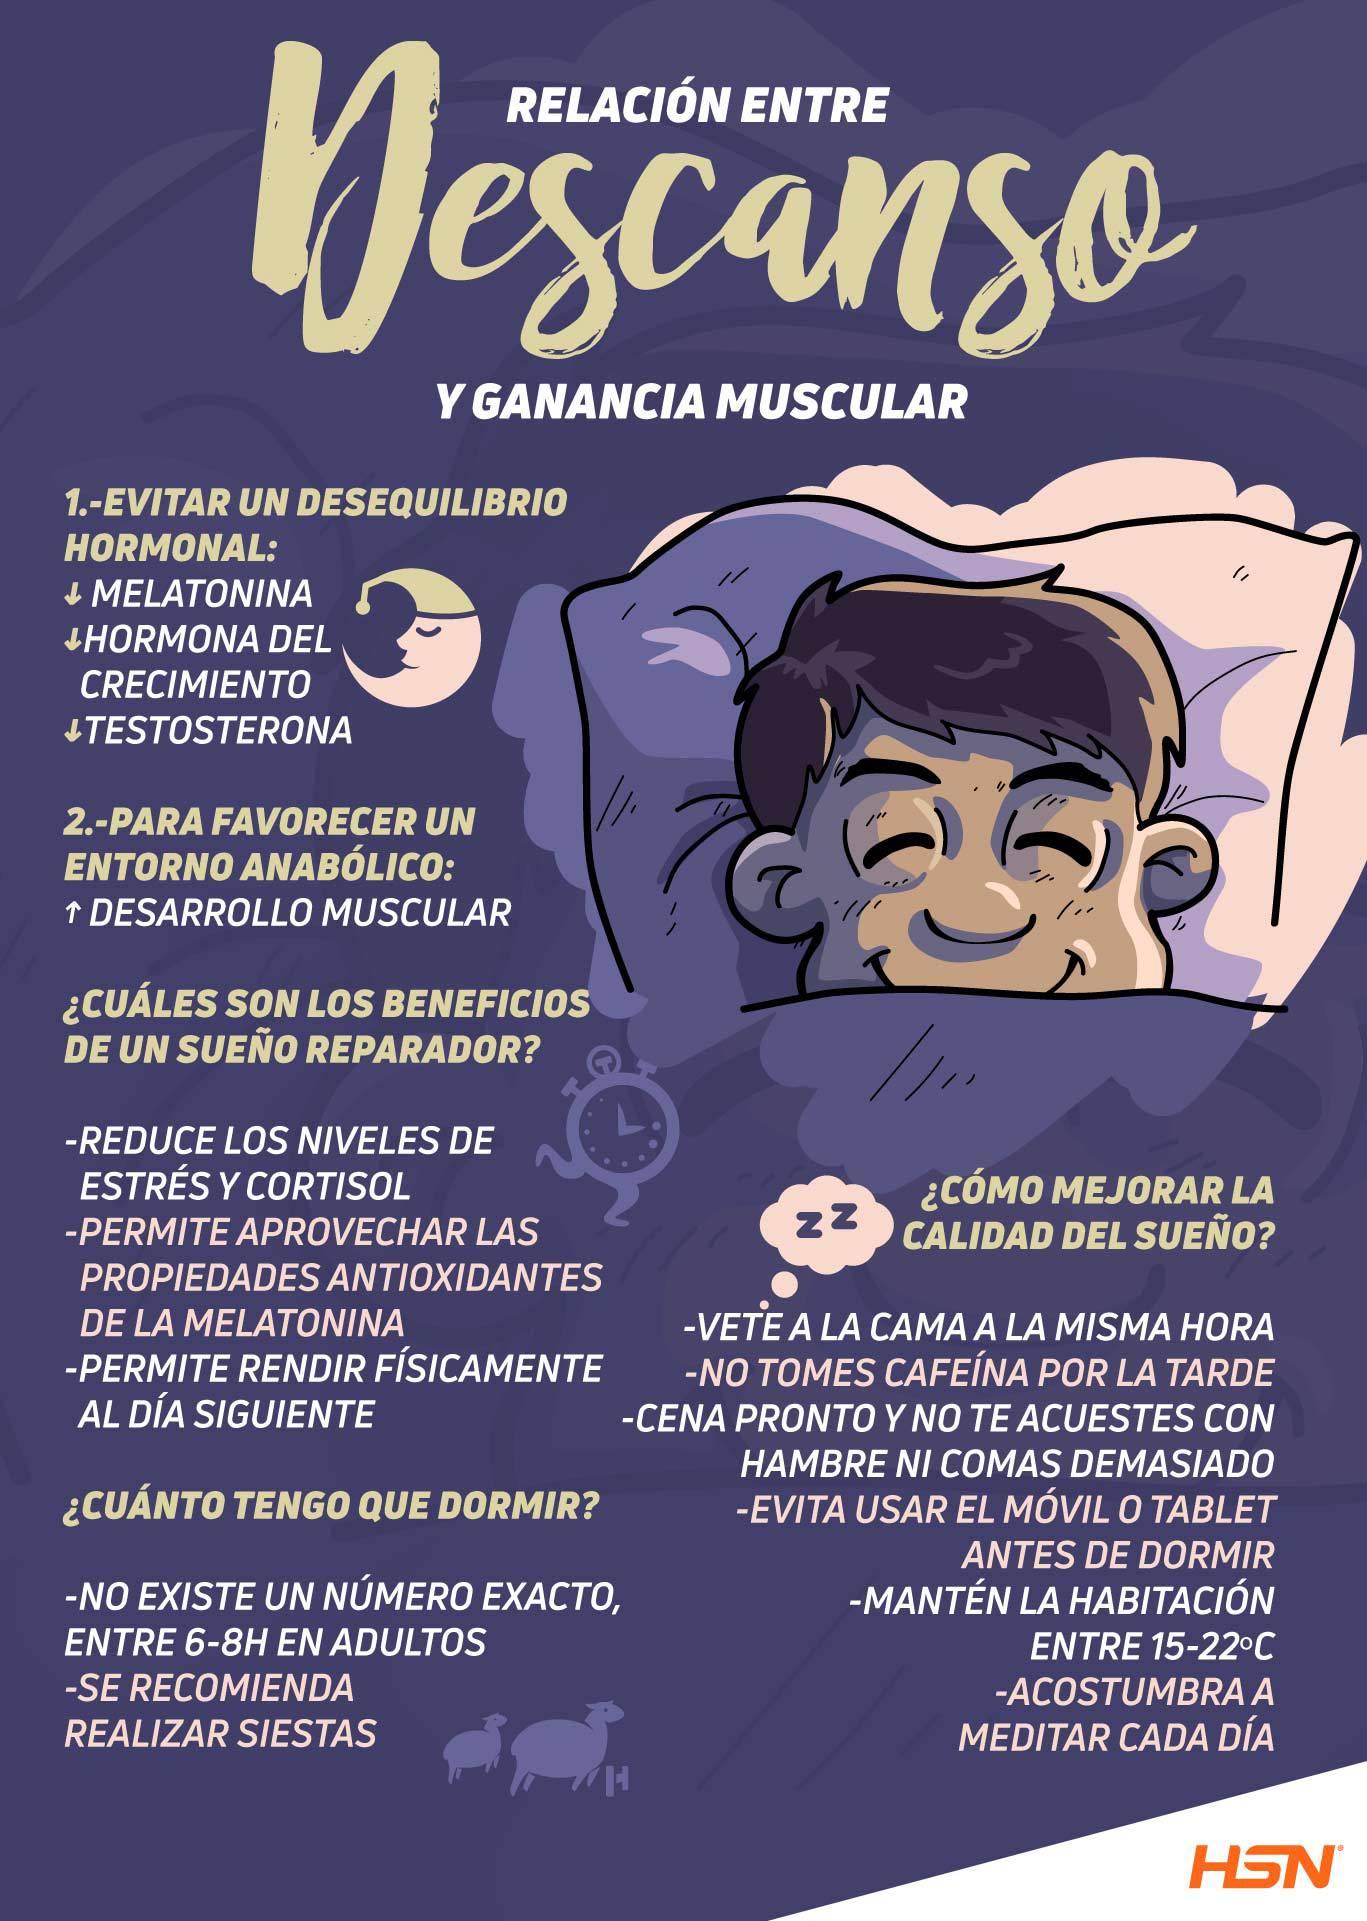 Dormir correctamente te ayuda a incrementar el volumen de